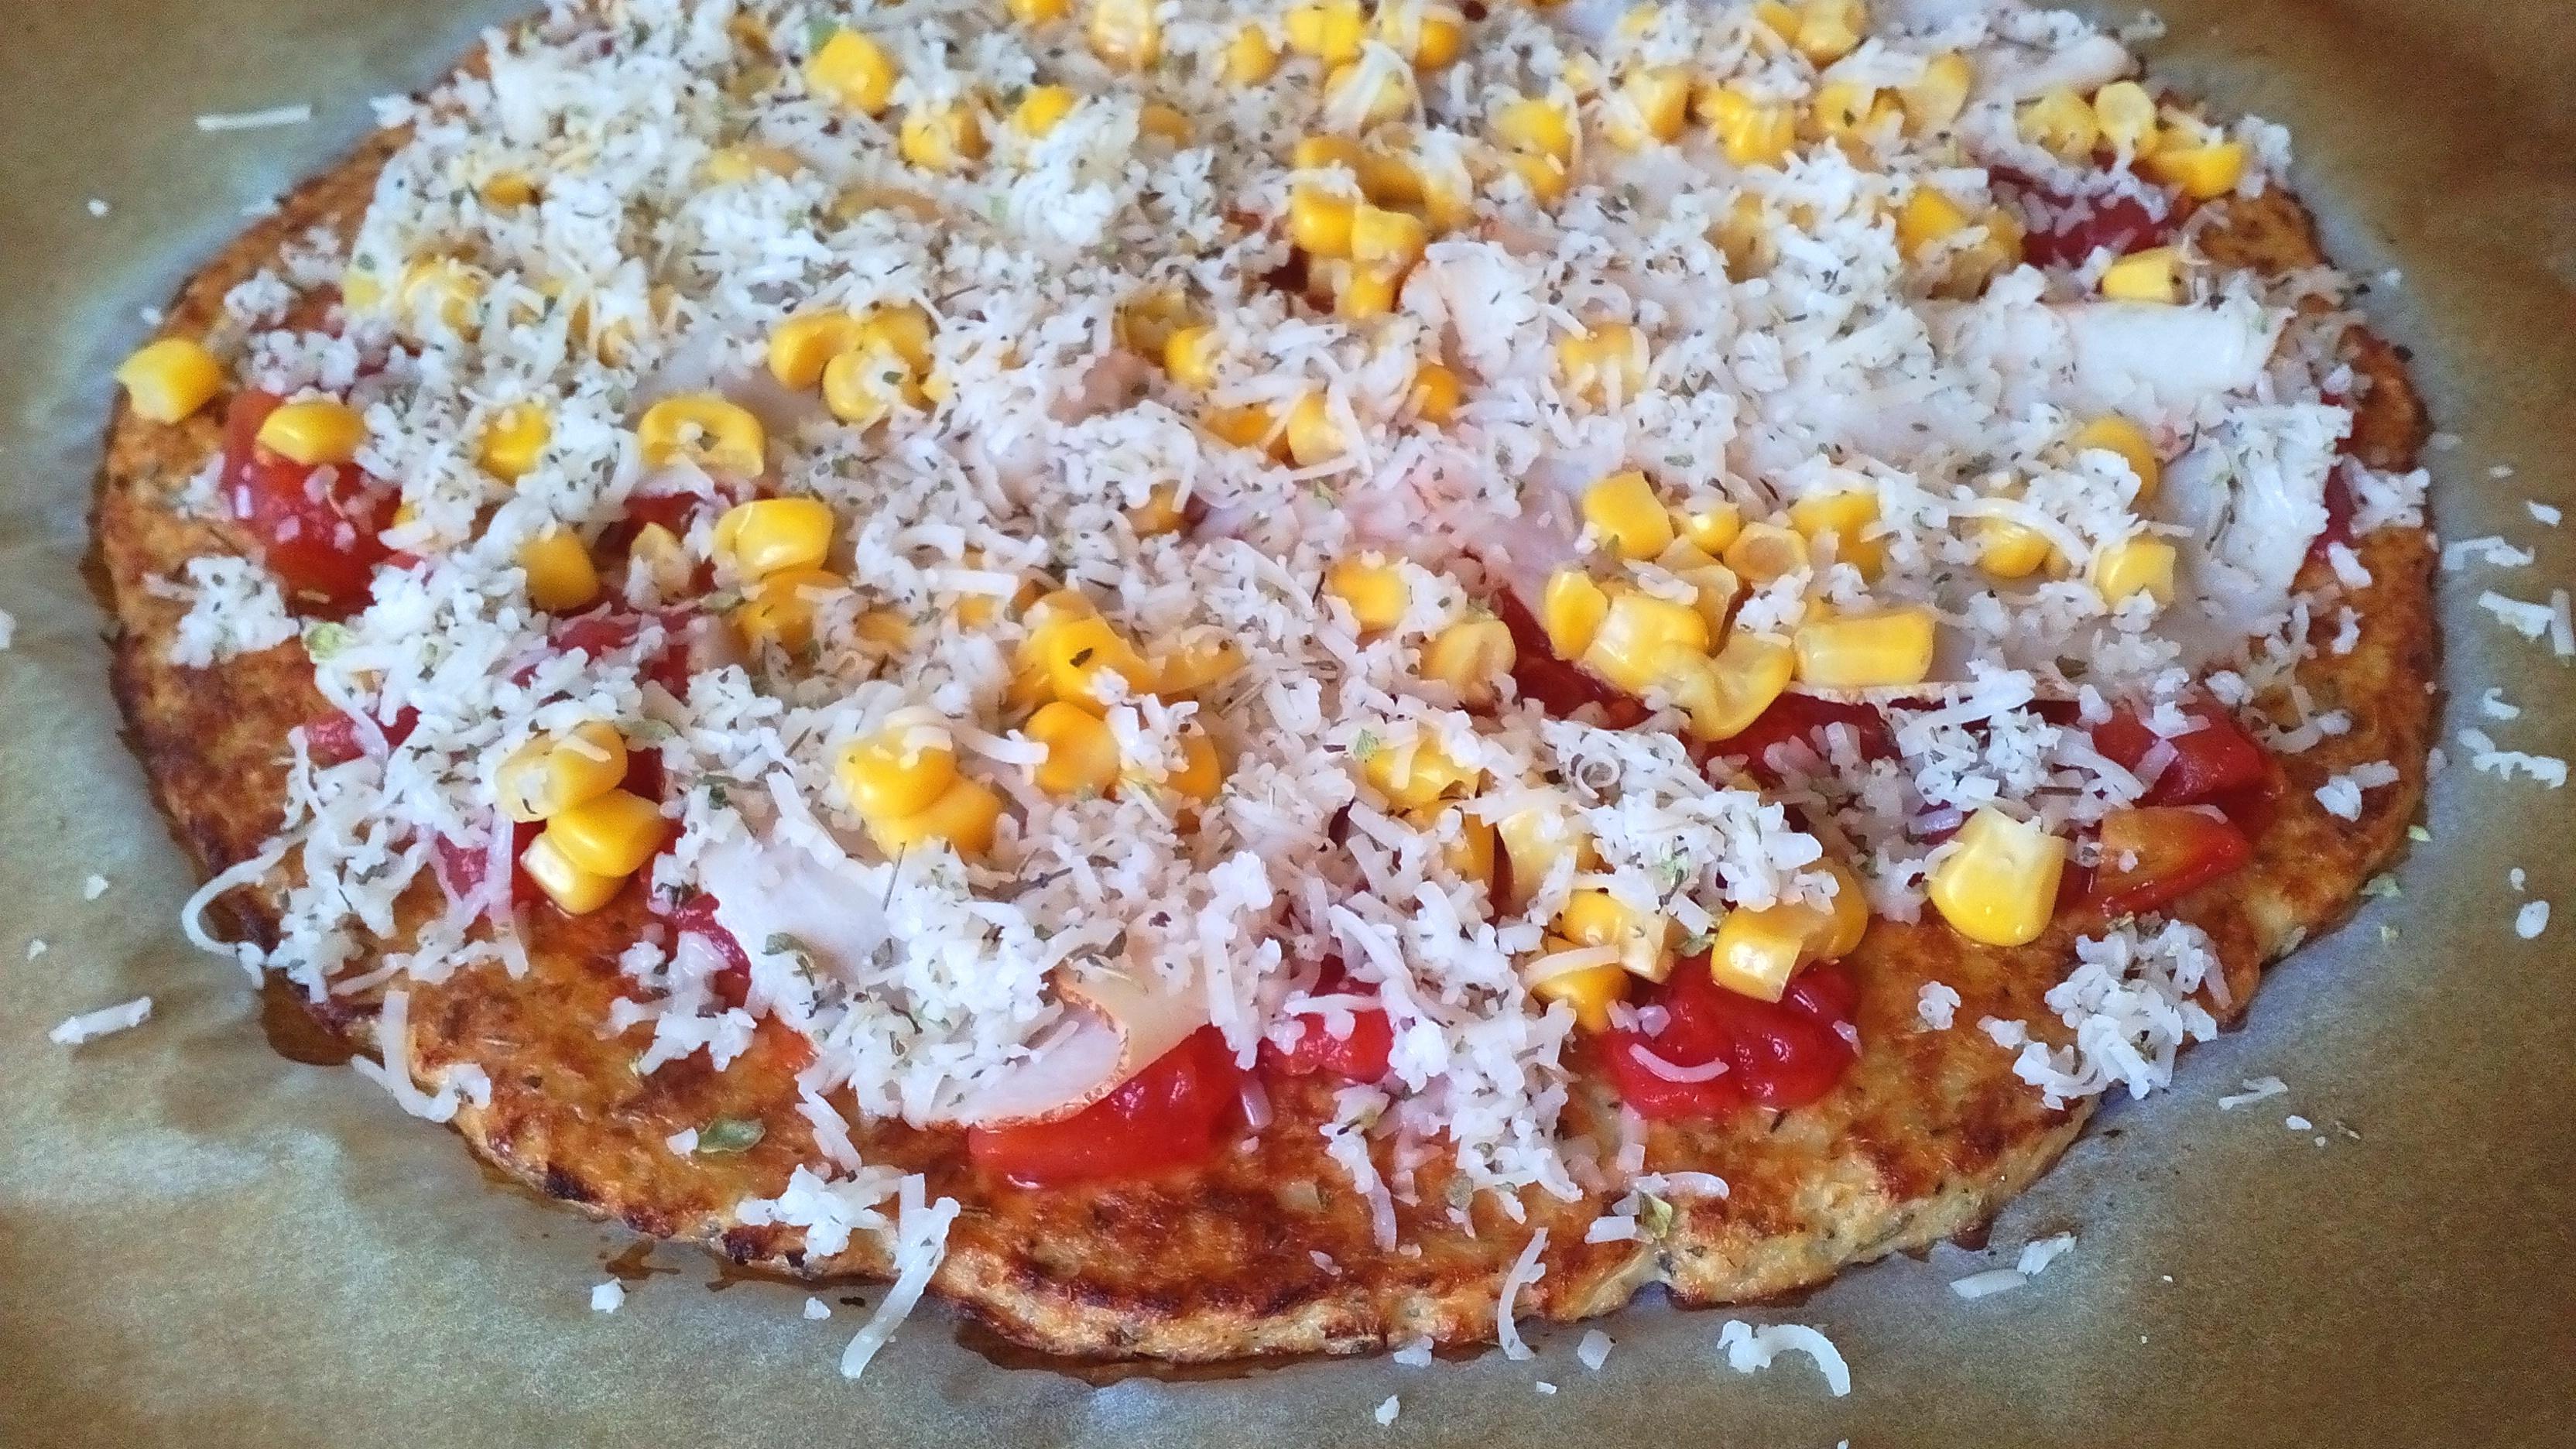 Karfiol alapú pizza, karfiolpizza, lisztmentes pizza diétás receptje